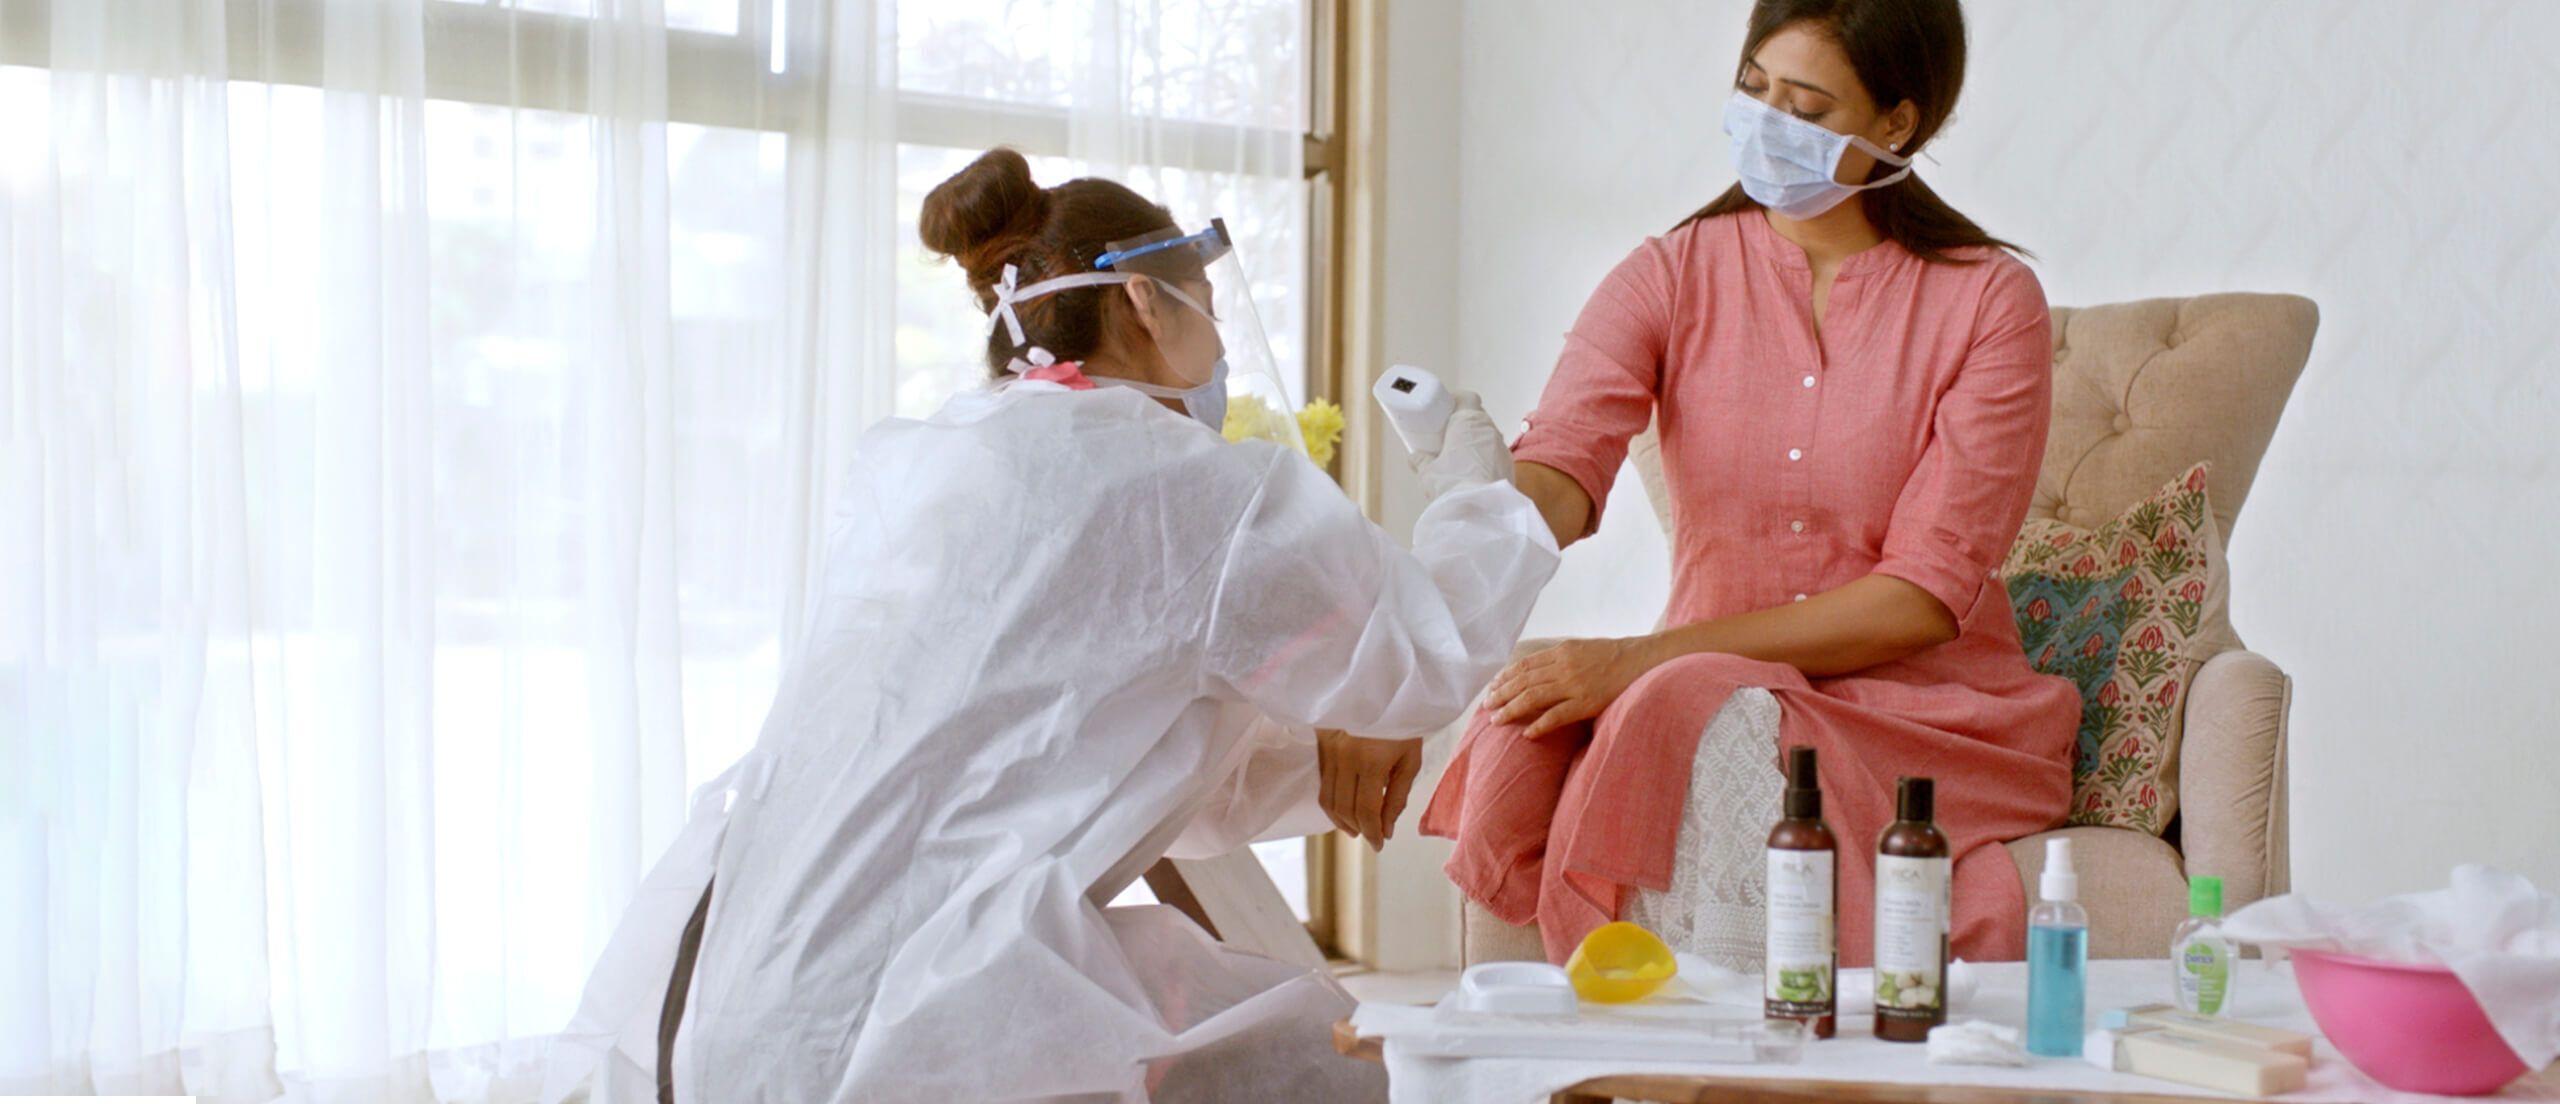 UC Salon services